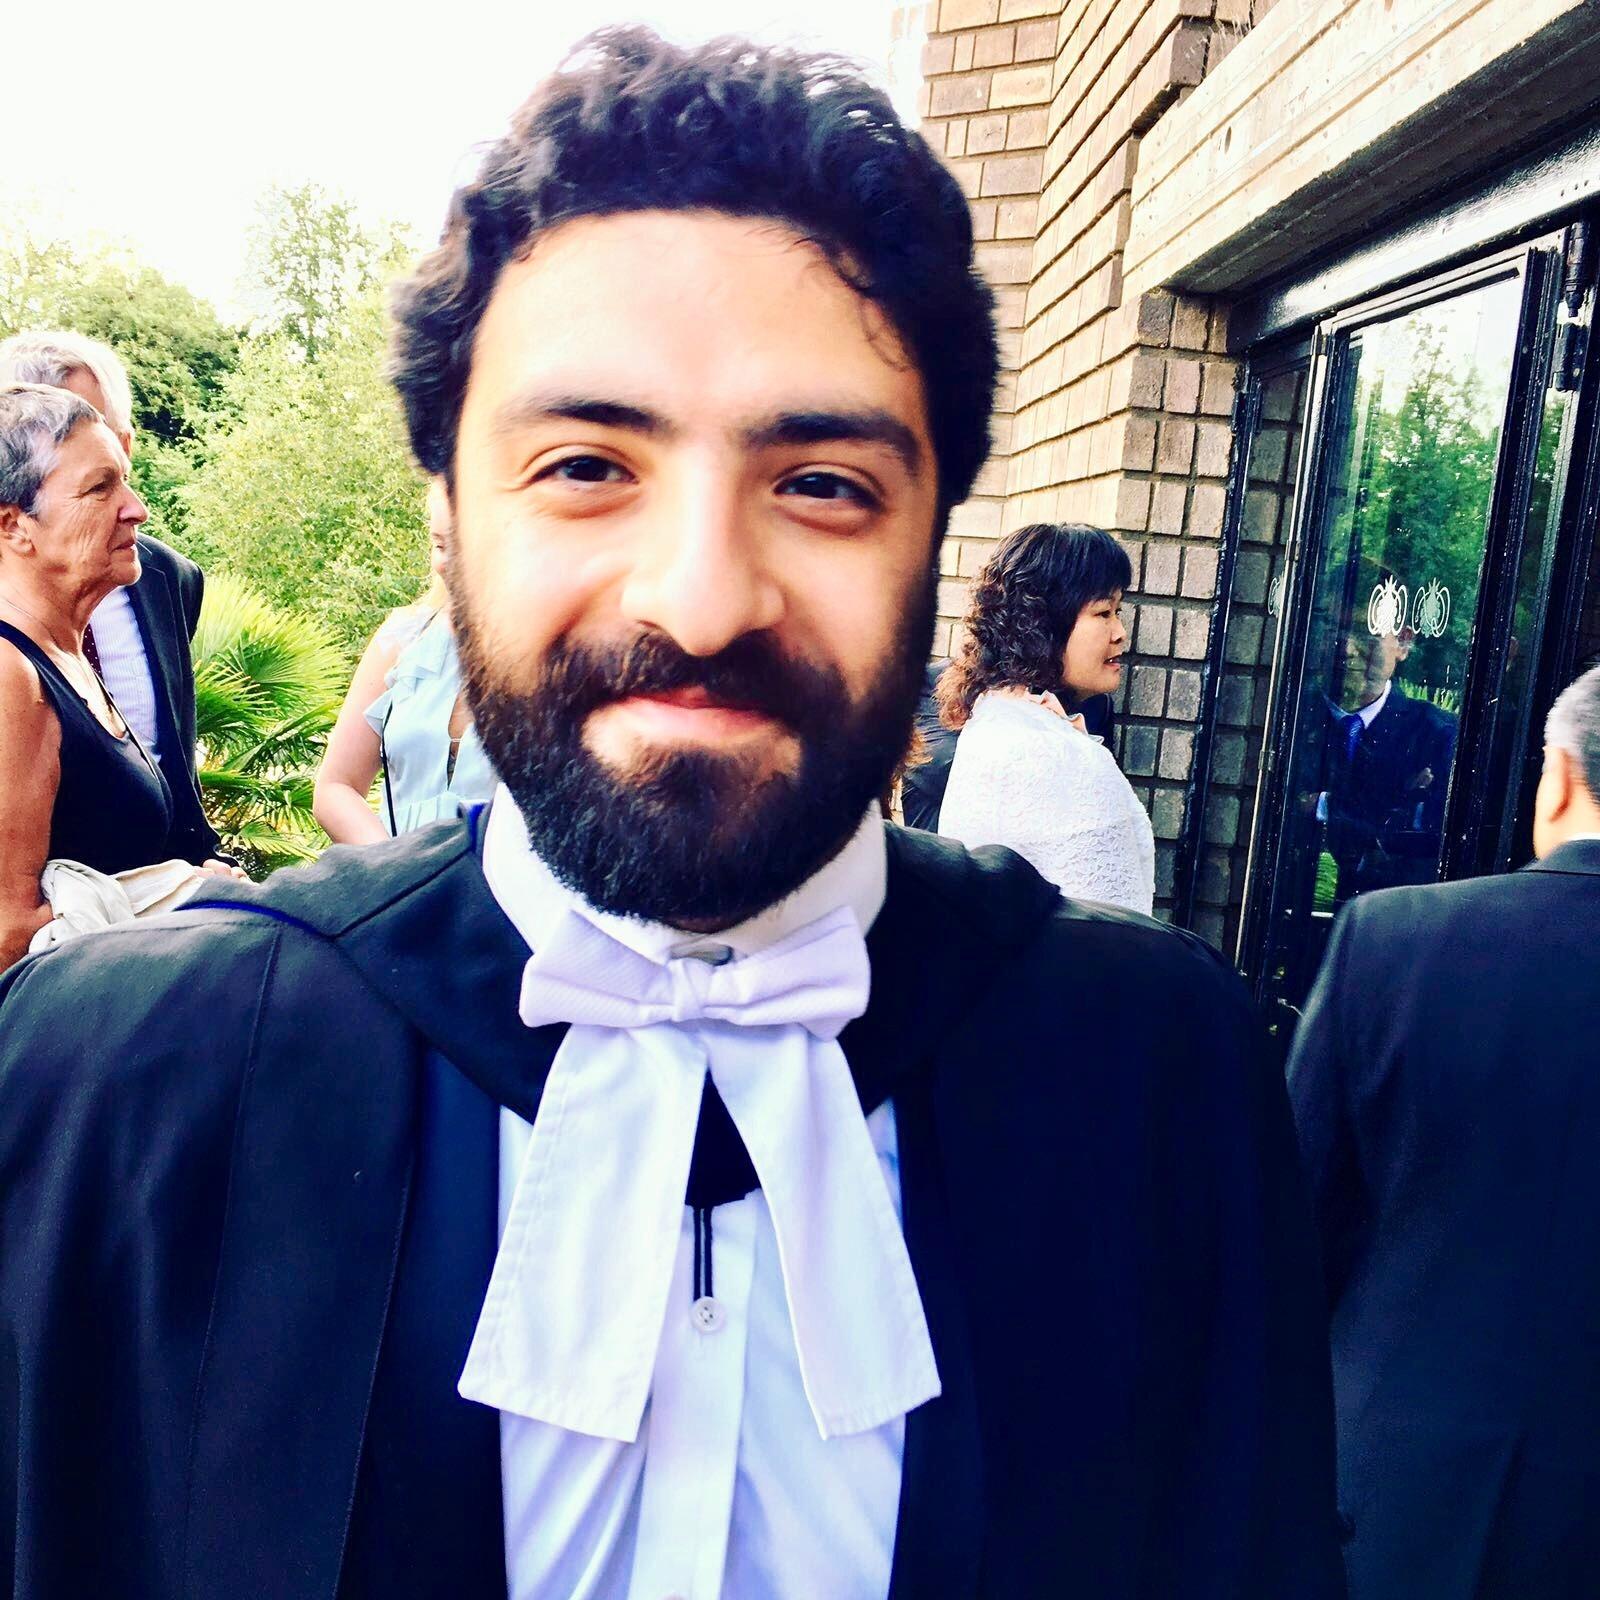 Farbod Akhlaghi-Ghaffarokh